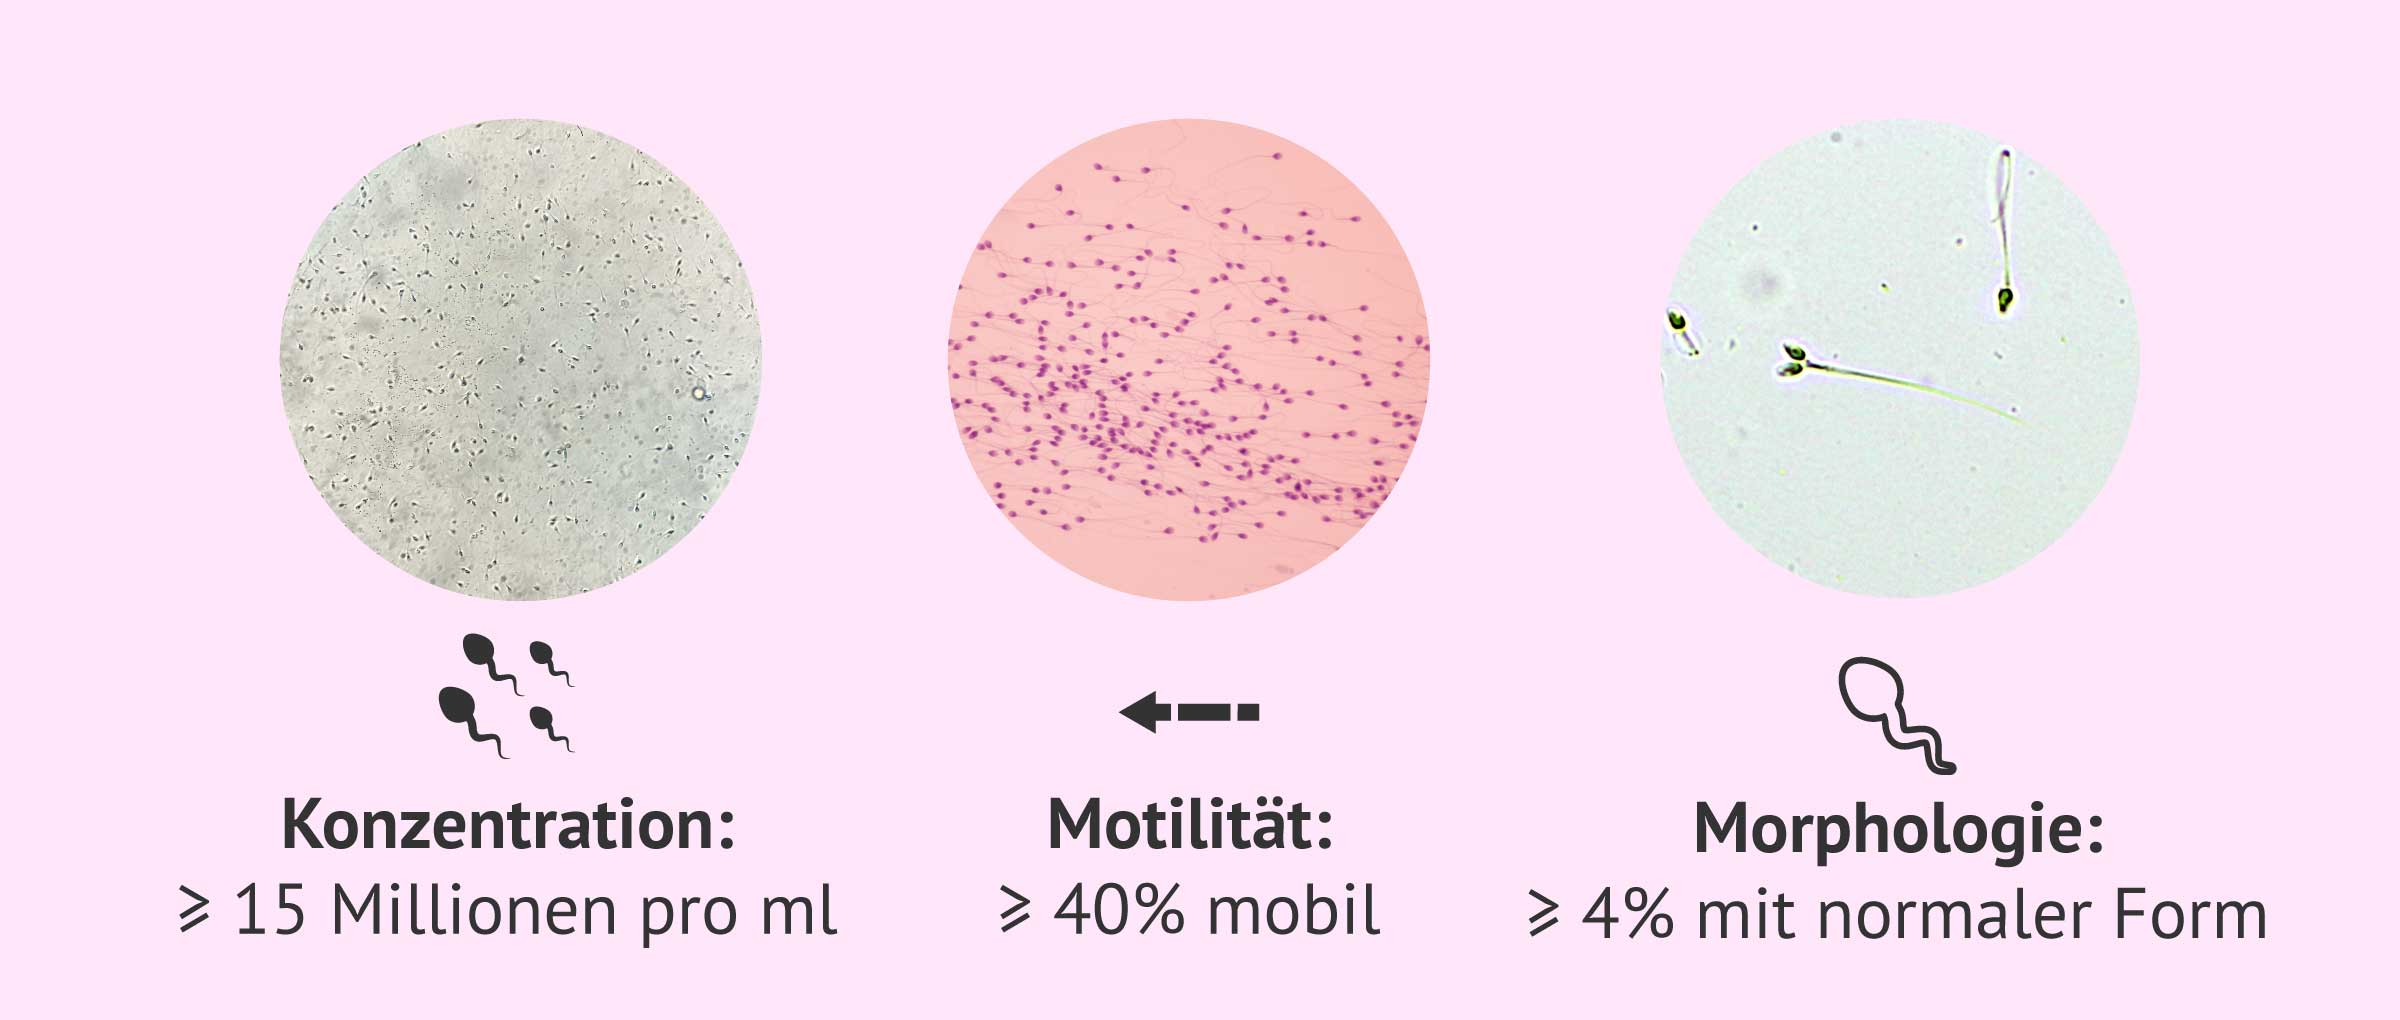 Mikroskopische Untersuchung des Samens